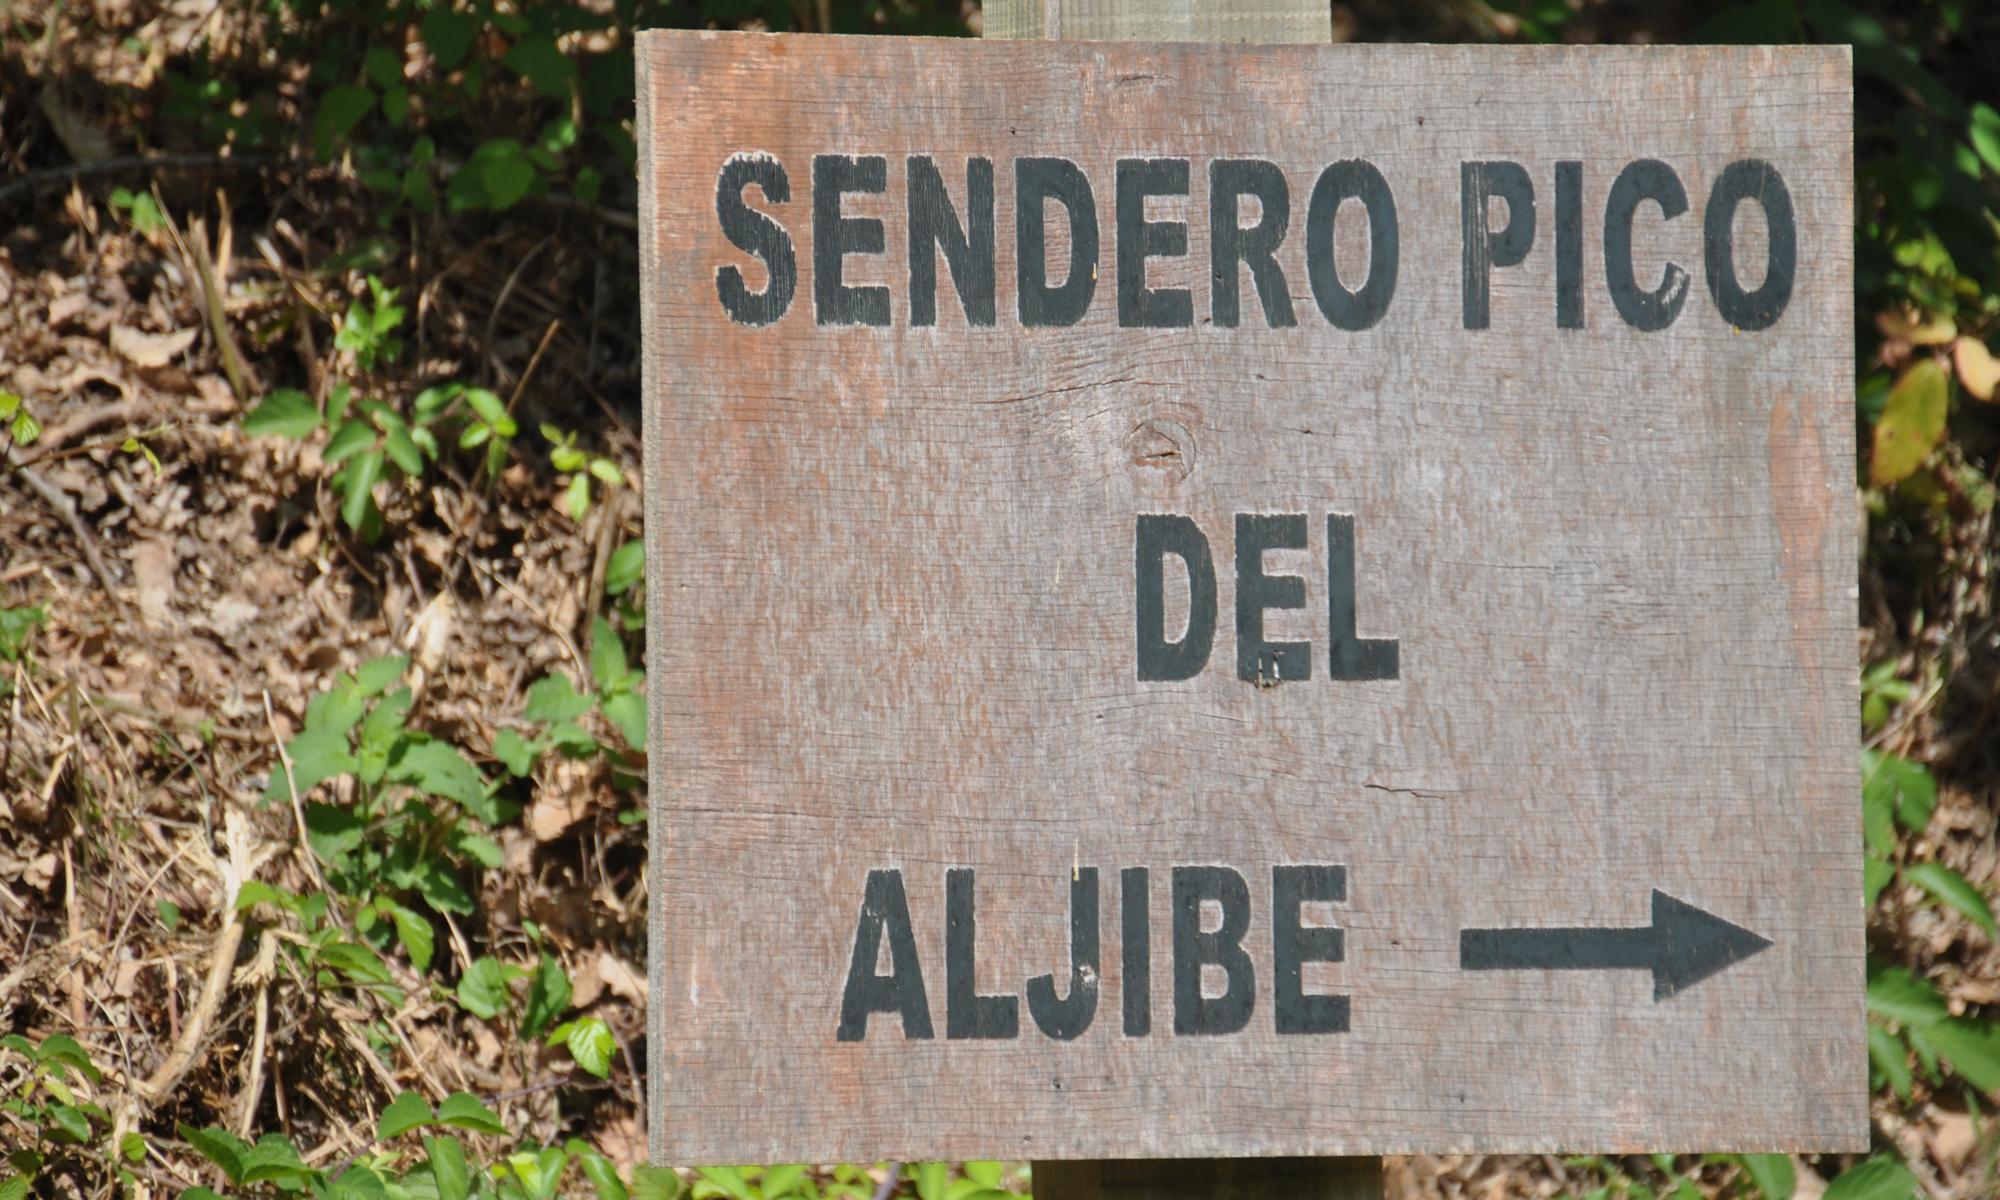 Pico del Aljibe